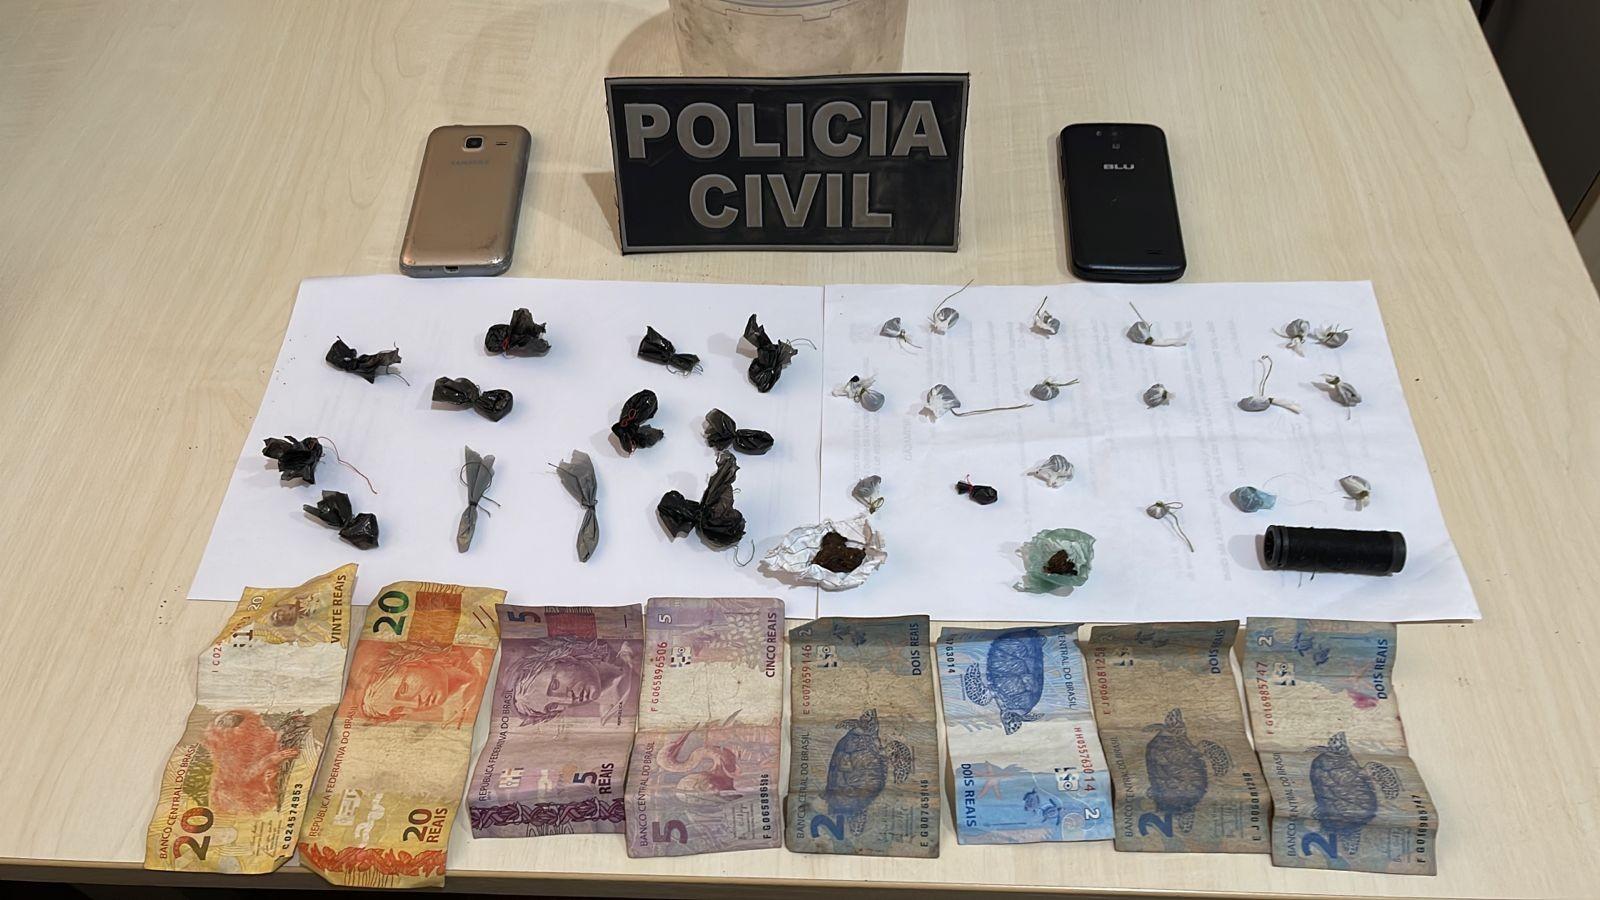 Dupla é presa por tráfico de drogas e associação para o tráfico no Residencial Salvação, em Santarém